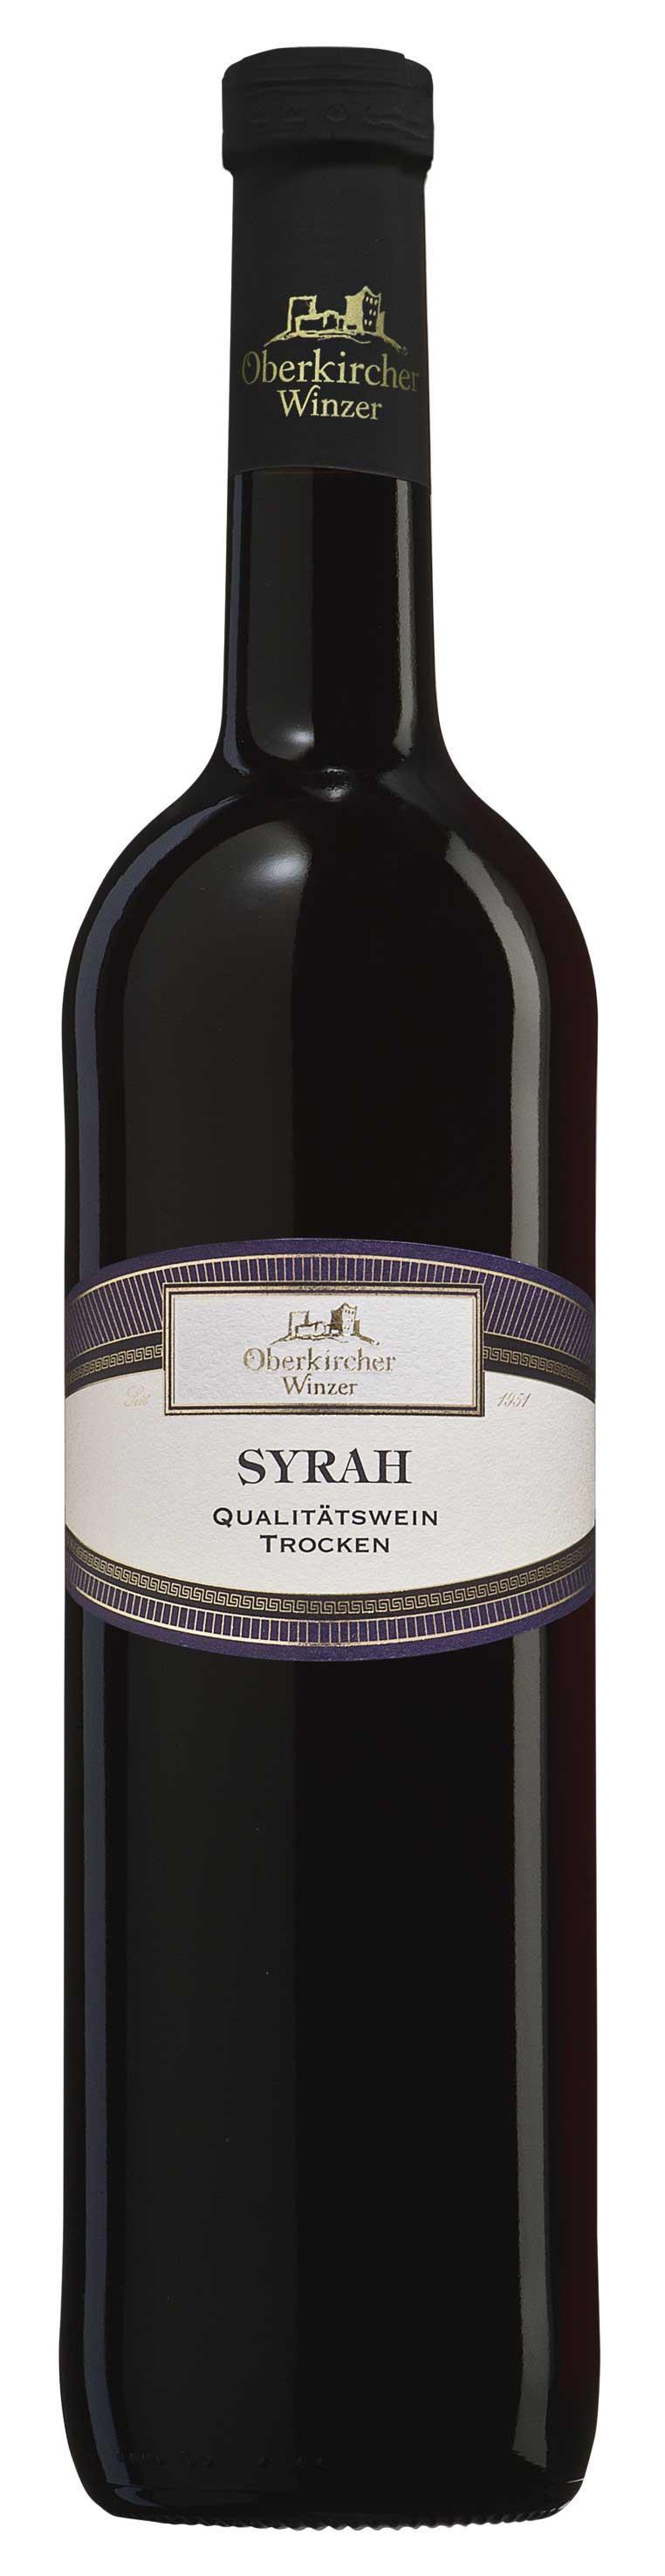 Oberkircher Winzer Syrah Qualitätswein trocken 2015